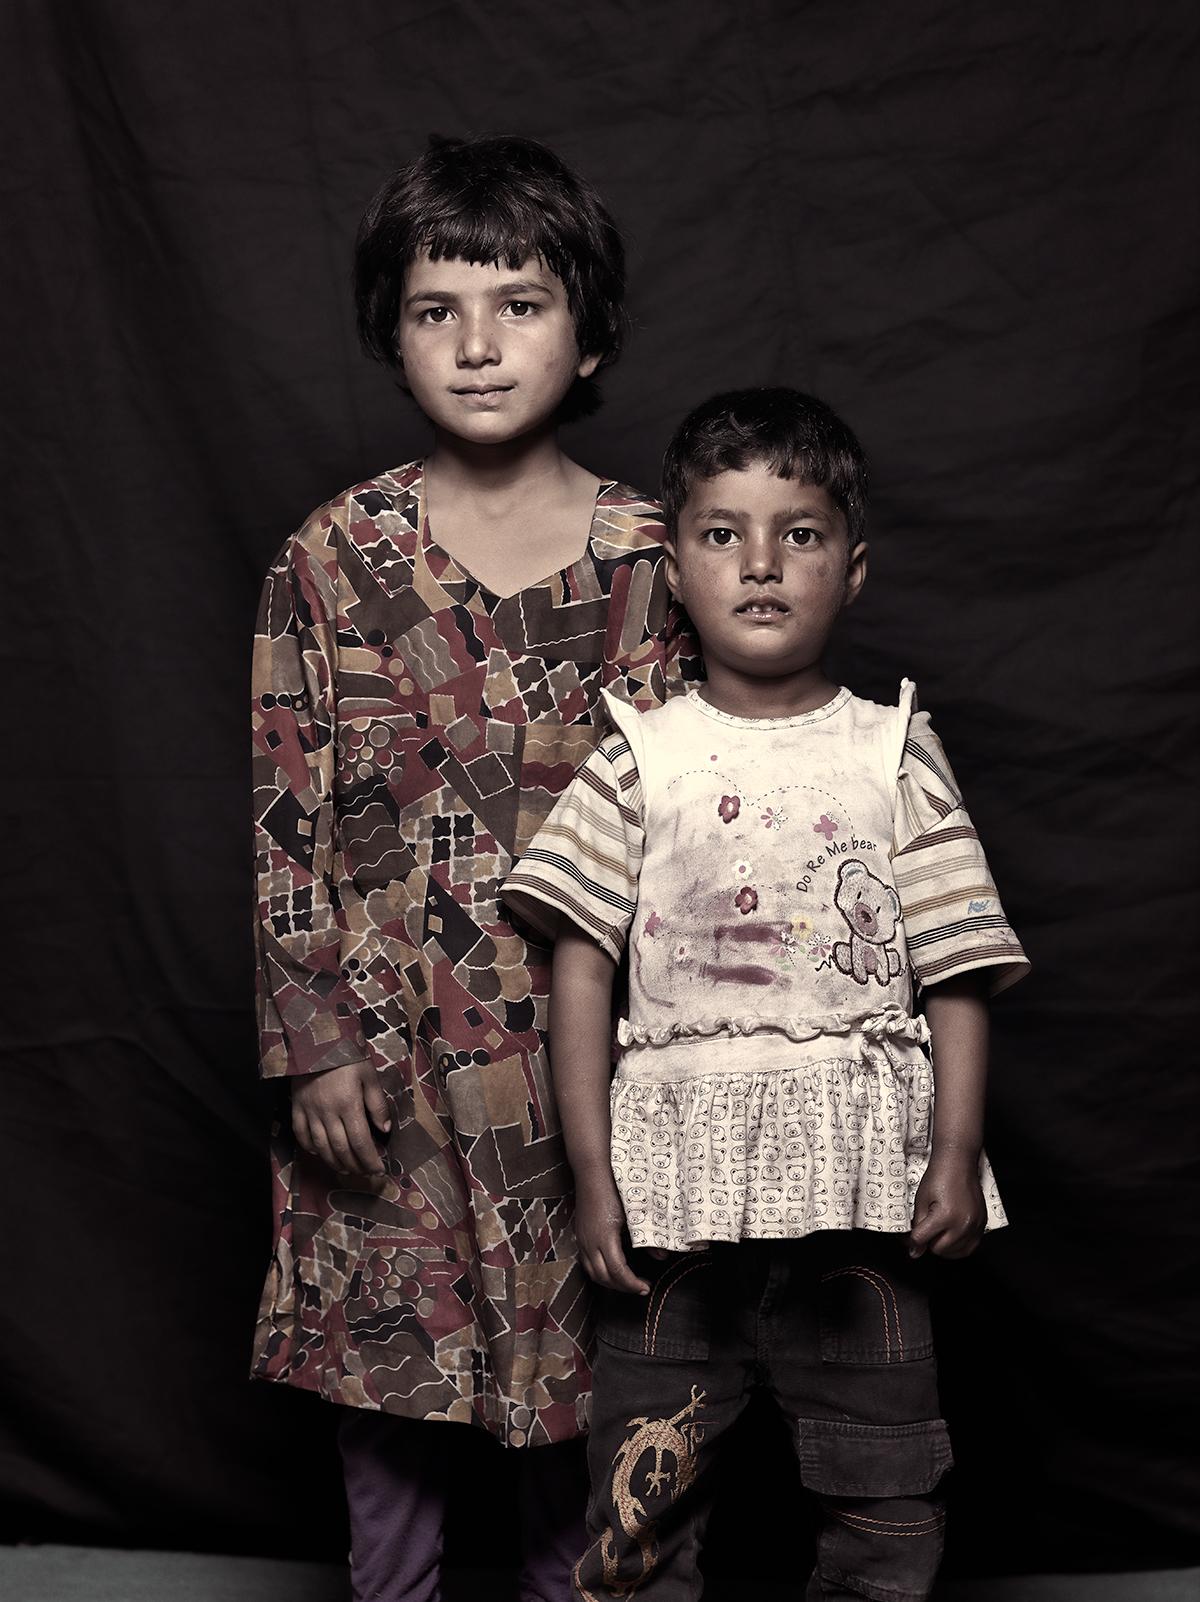 Mushkan Shah, 5 and Shamina Shah, 4, D-camp, 2013